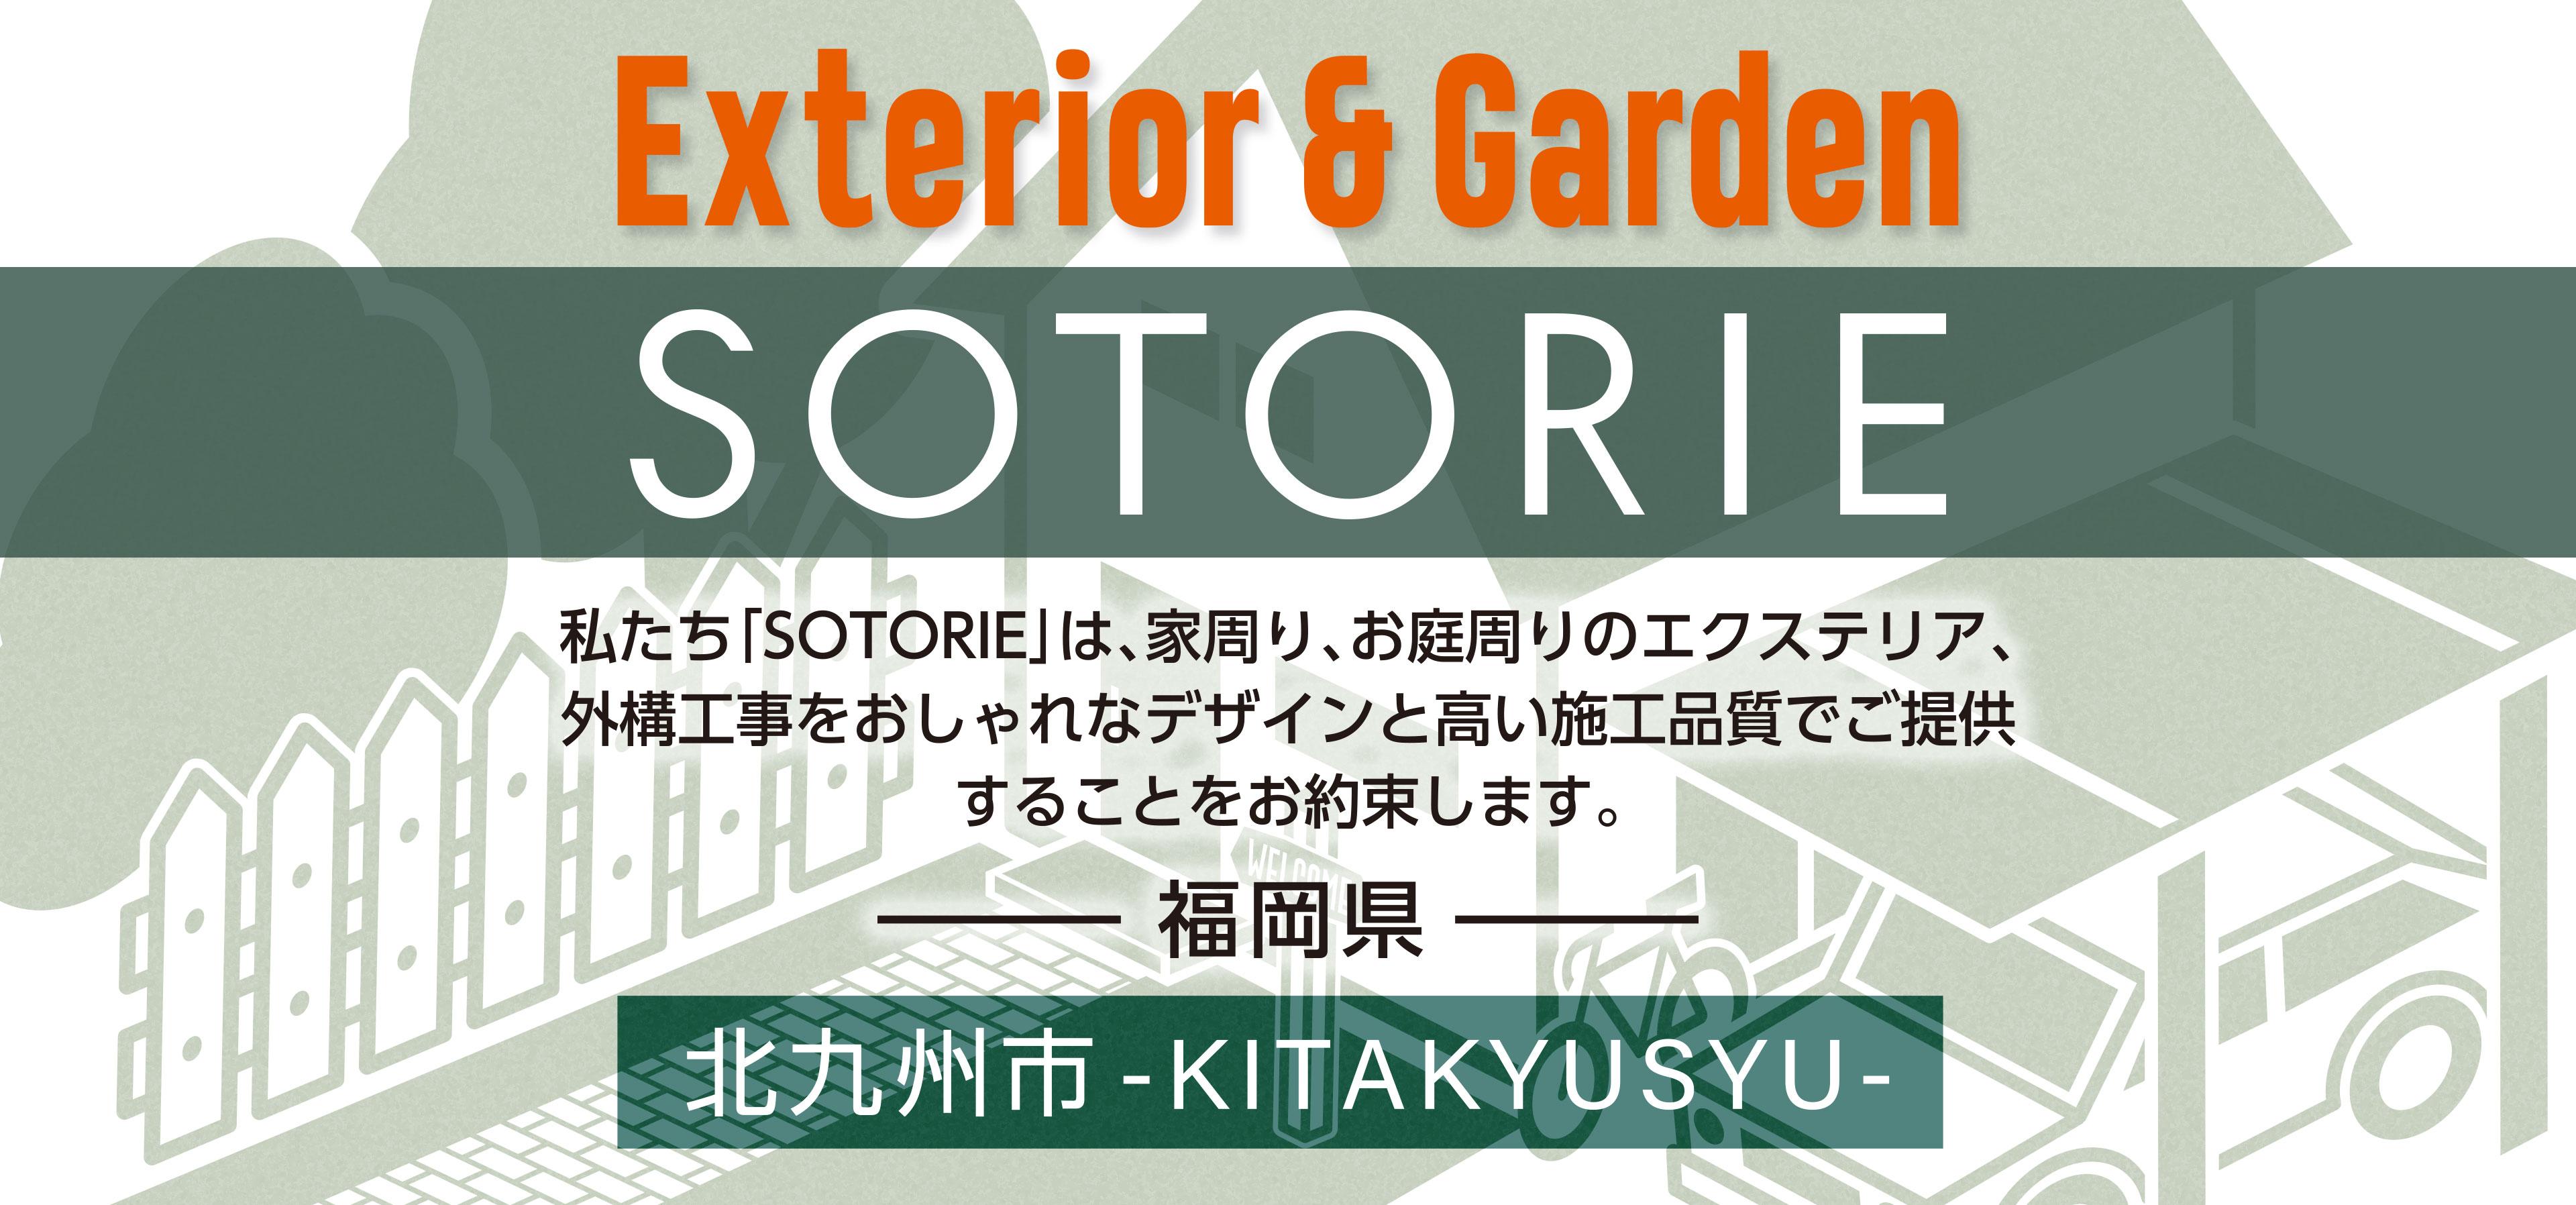 ソトリエ北九州では、家周りと庭周りの外構、エクステリア工事をおしゃれなデザインと高い施工品質でご提供することをお約束します。